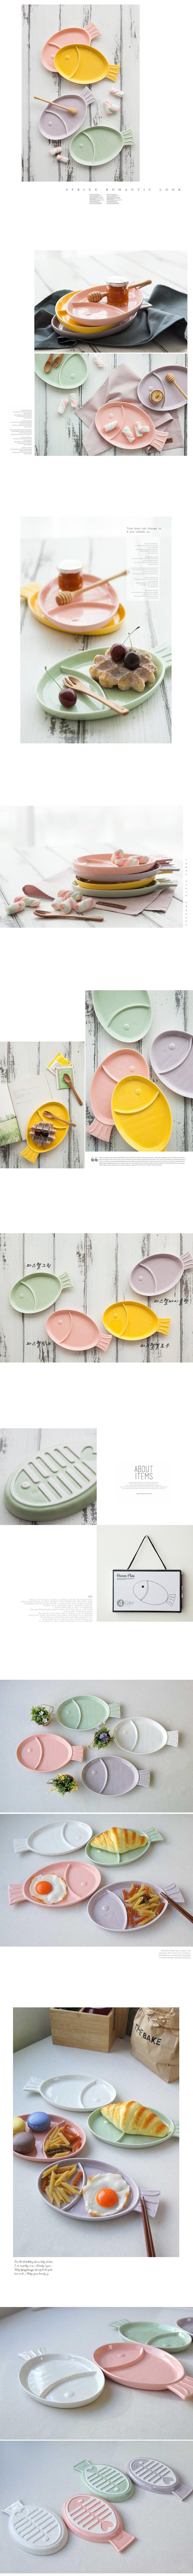 파스텔 푸아송 접시(4color) - 꾸미기 좋은날, 4,500원, 접시/찬기, 접시